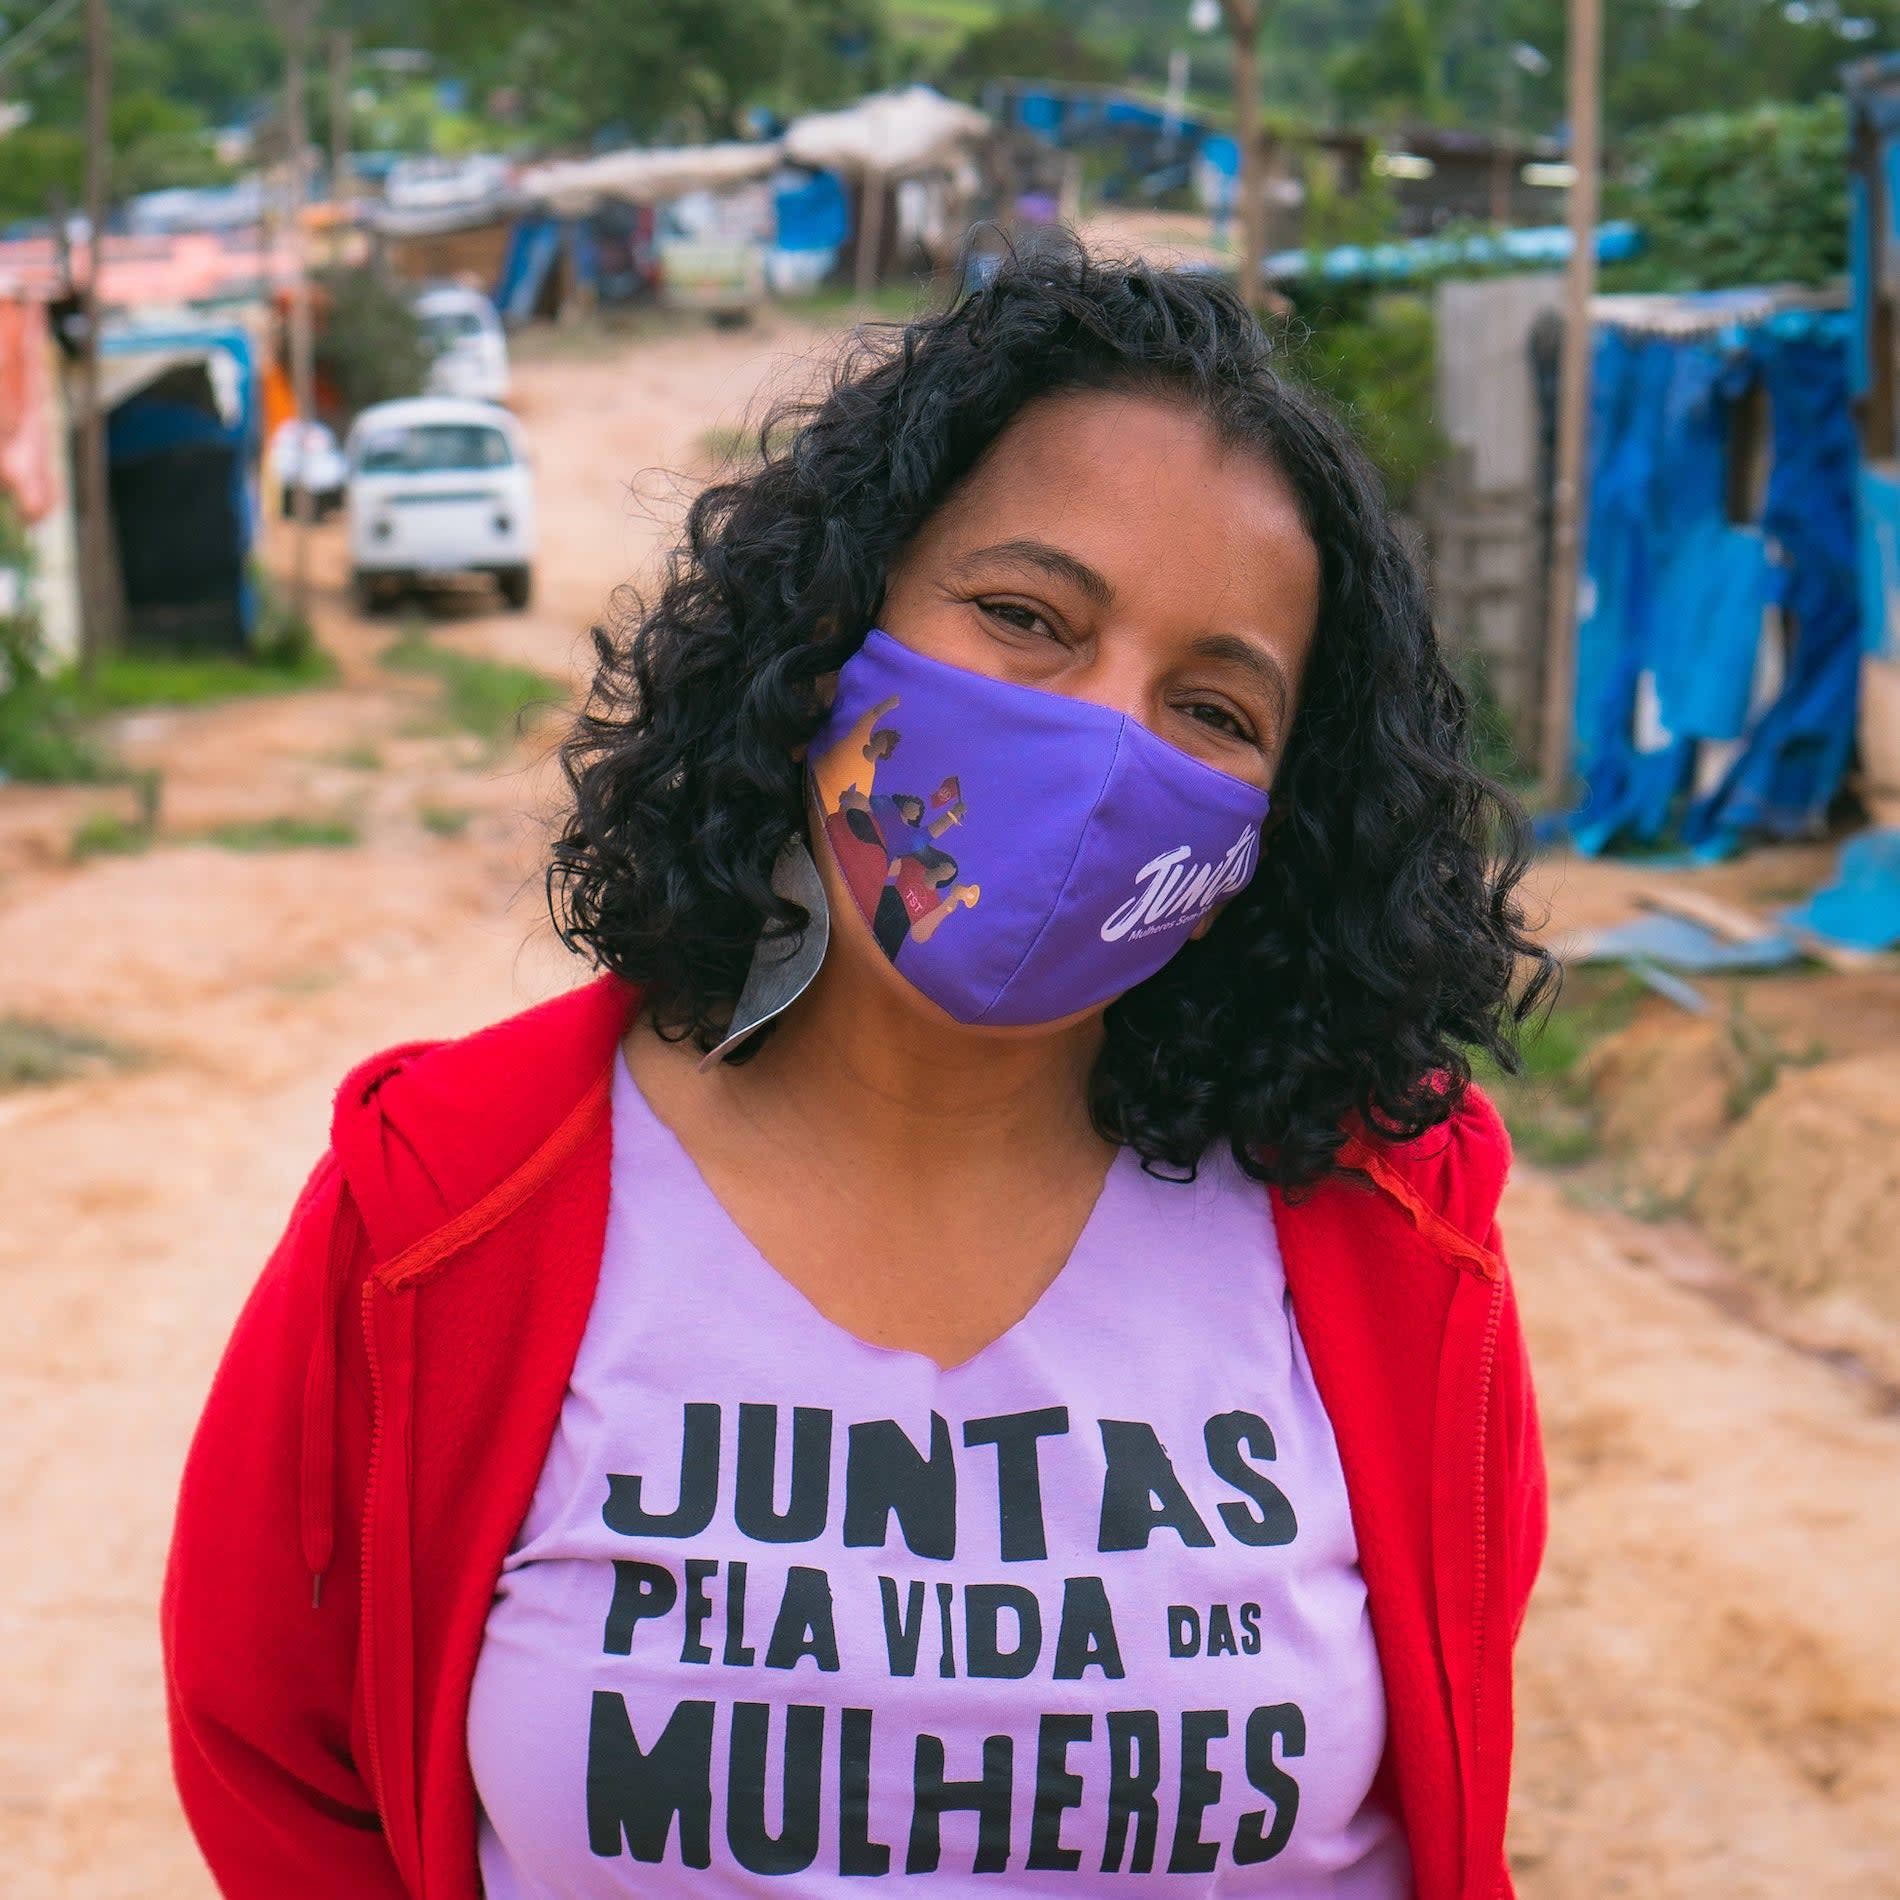 """Jussara Basso vestindo camiseta roxa onde se lê """"Juntas pela vida das mulheres""""."""